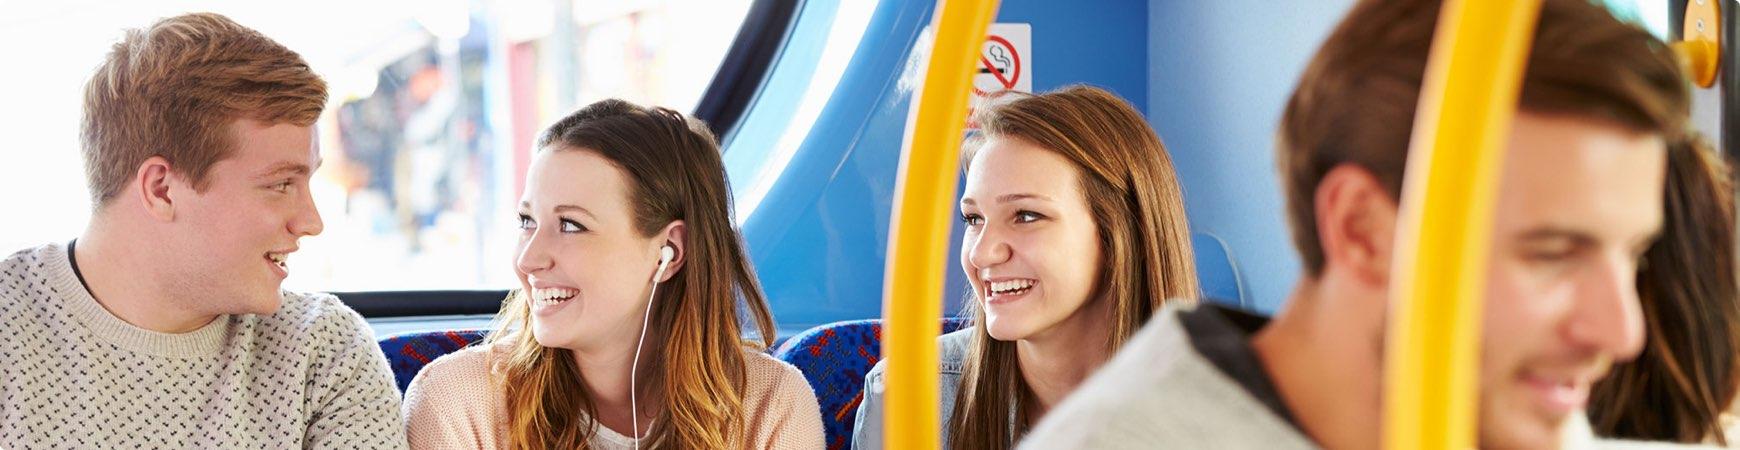 Glada ungdomar längst bak i bussen